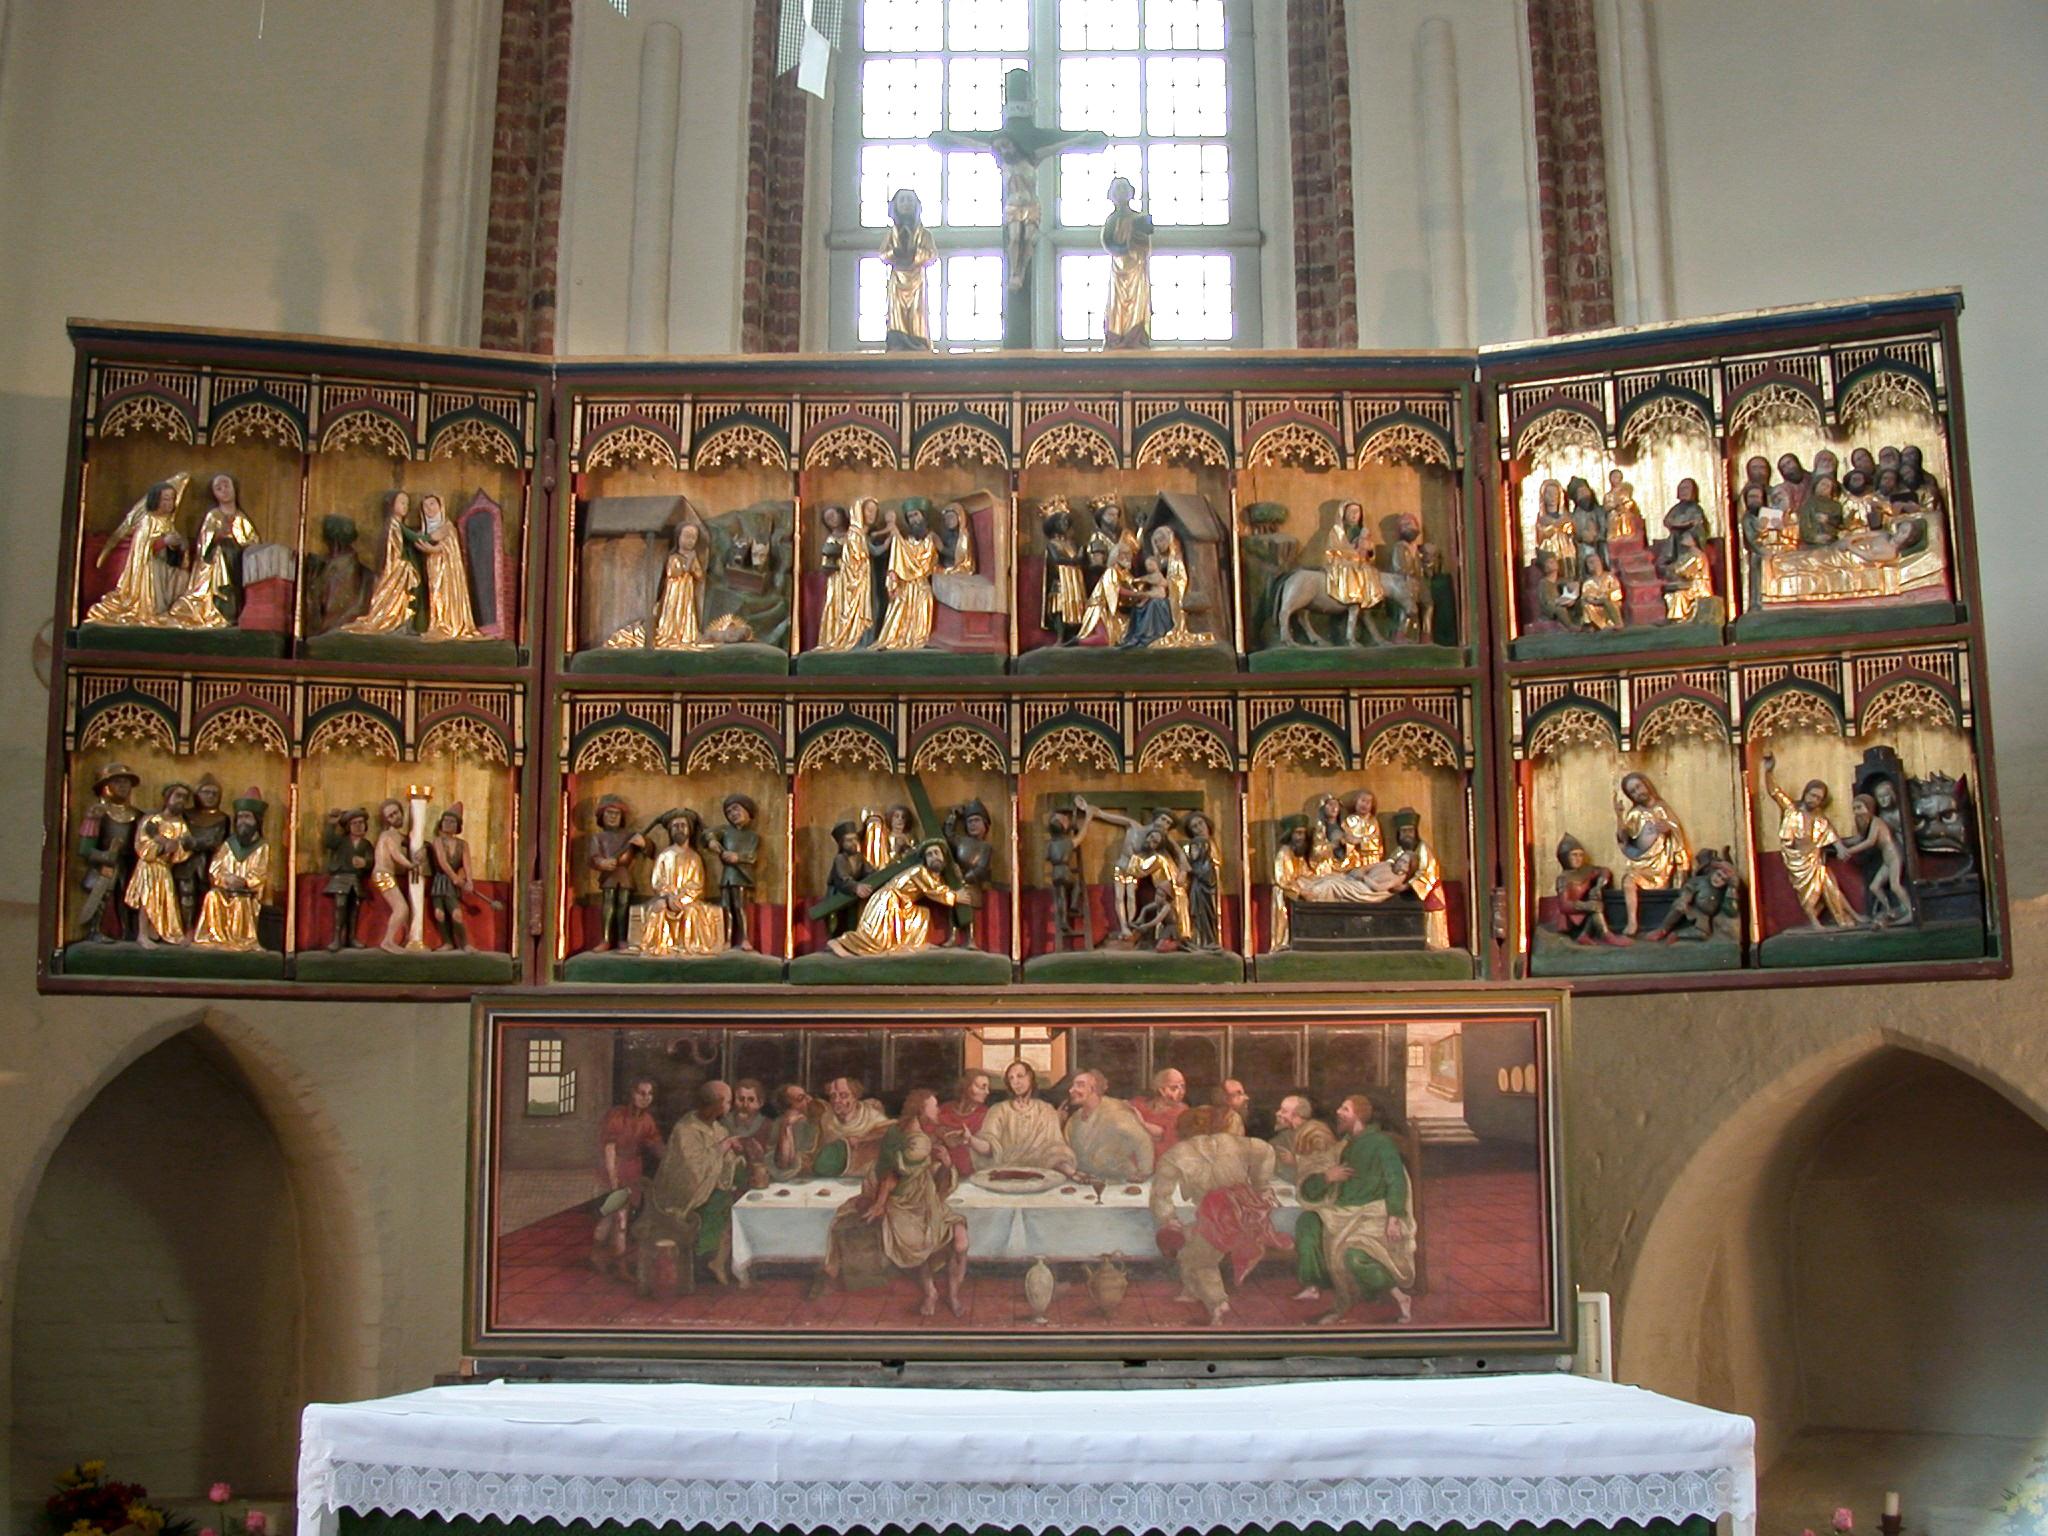 Klappaltar in der Klosterkirche Isenhagen